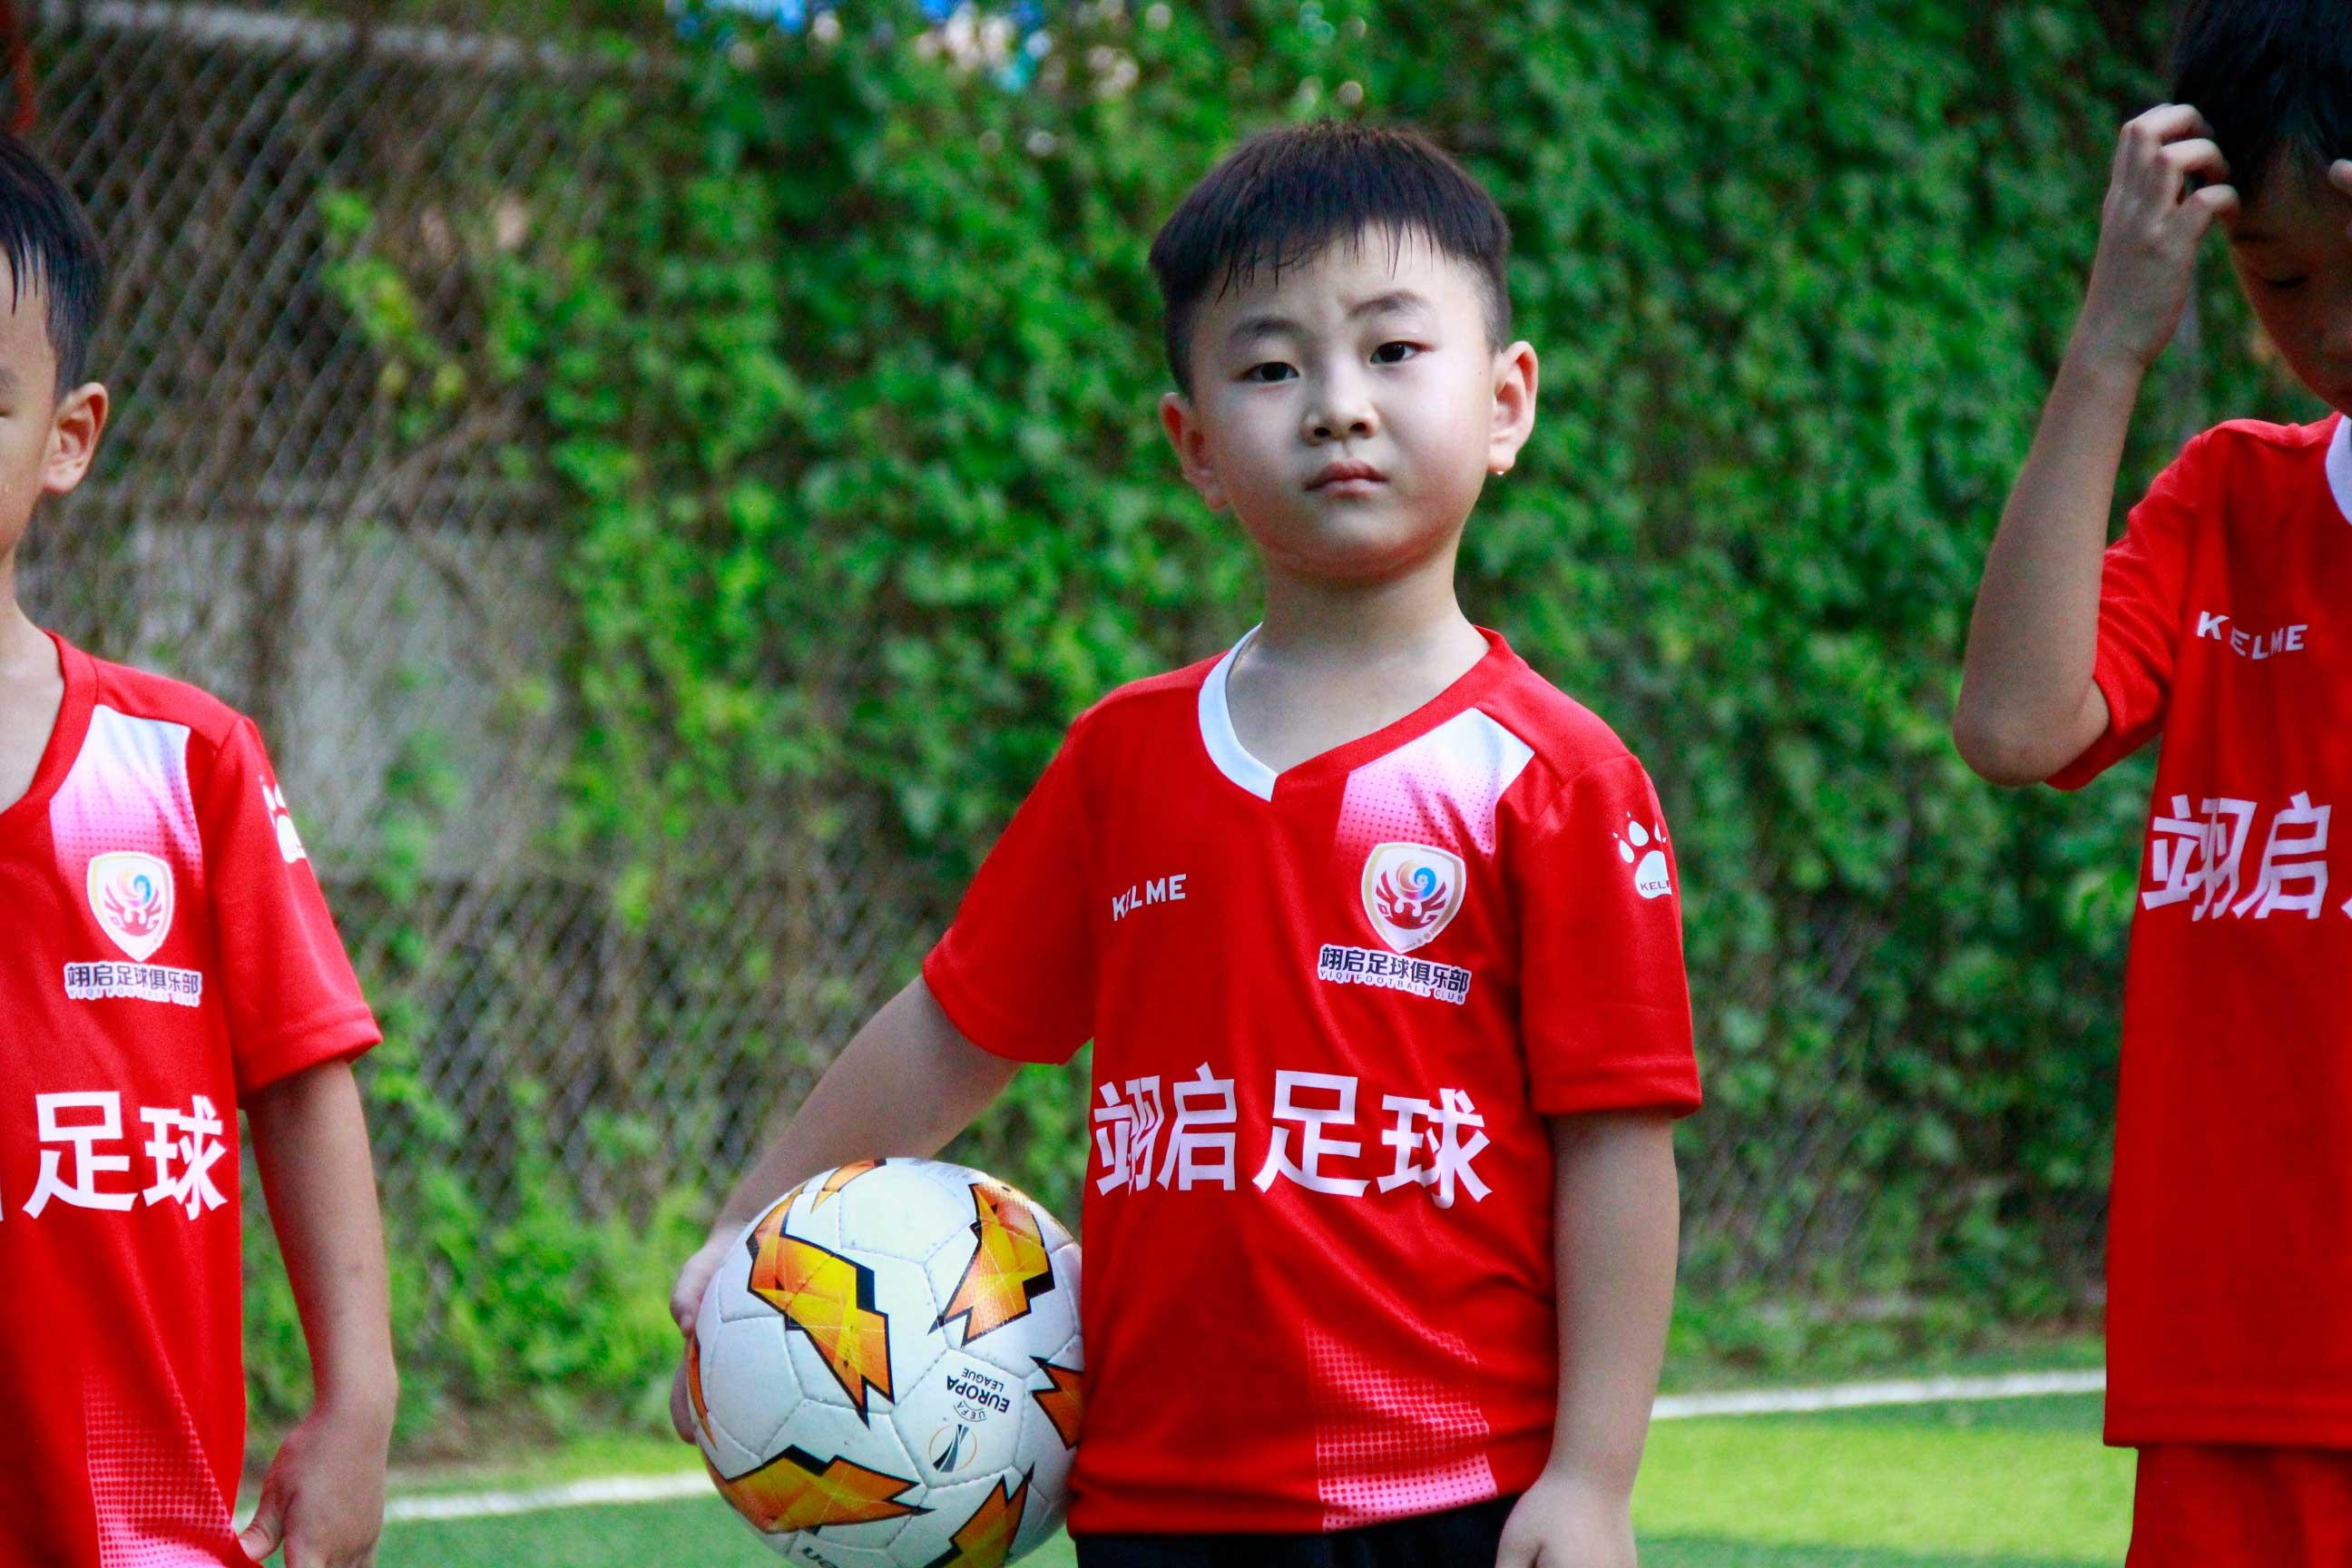 不一定让孩子成为专业运动员,为什么还让孩子坚持体育训练?